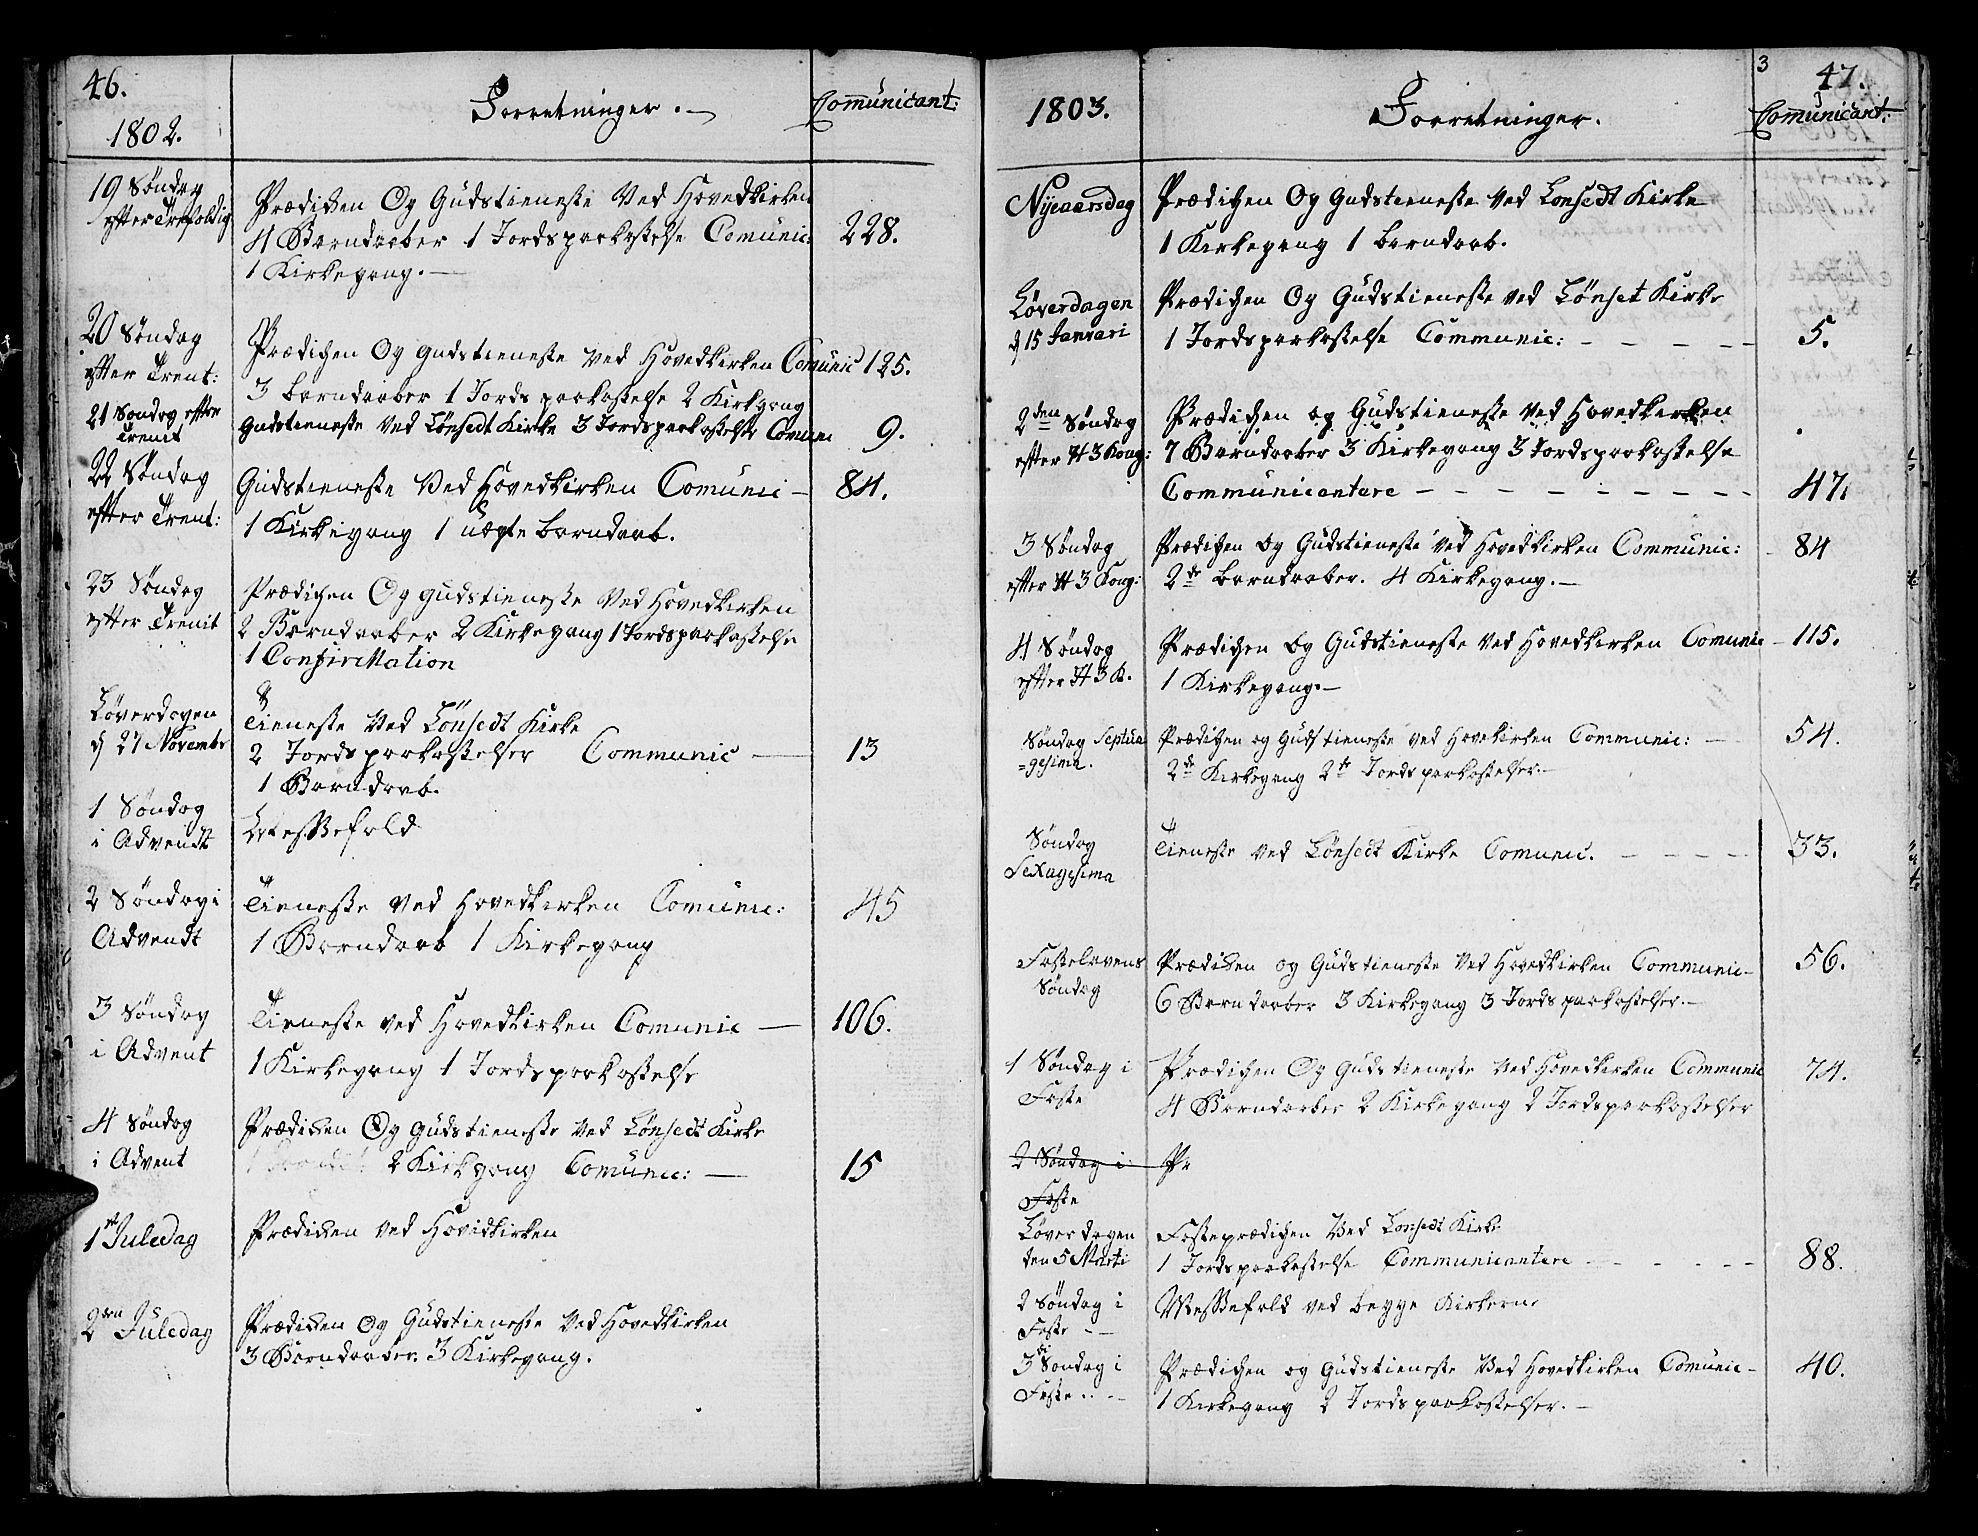 SAT, Ministerialprotokoller, klokkerbøker og fødselsregistre - Sør-Trøndelag, 678/L0893: Ministerialbok nr. 678A03, 1792-1805, s. 46-47